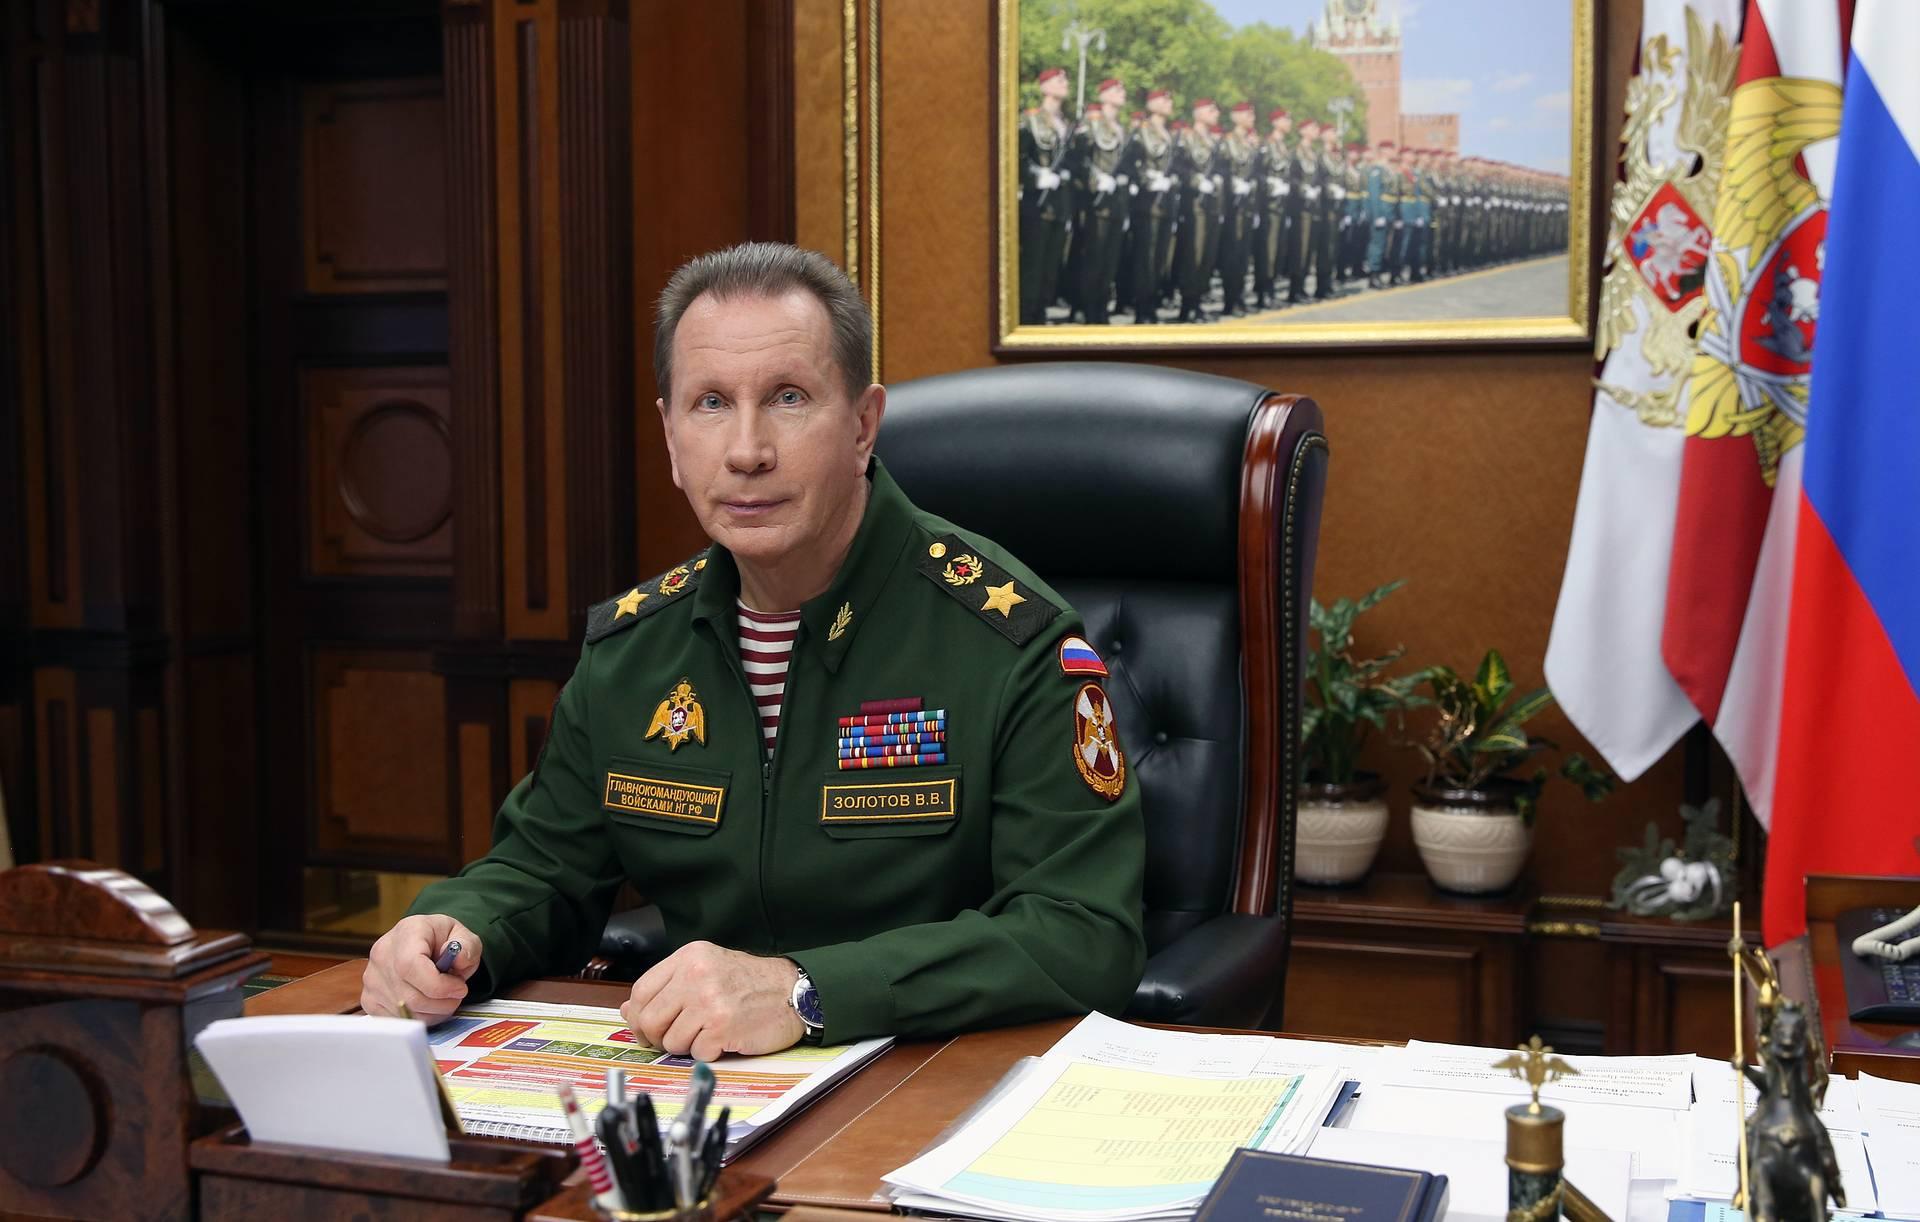 нужно фото директора национальной гвардии часто ориентируются светлые